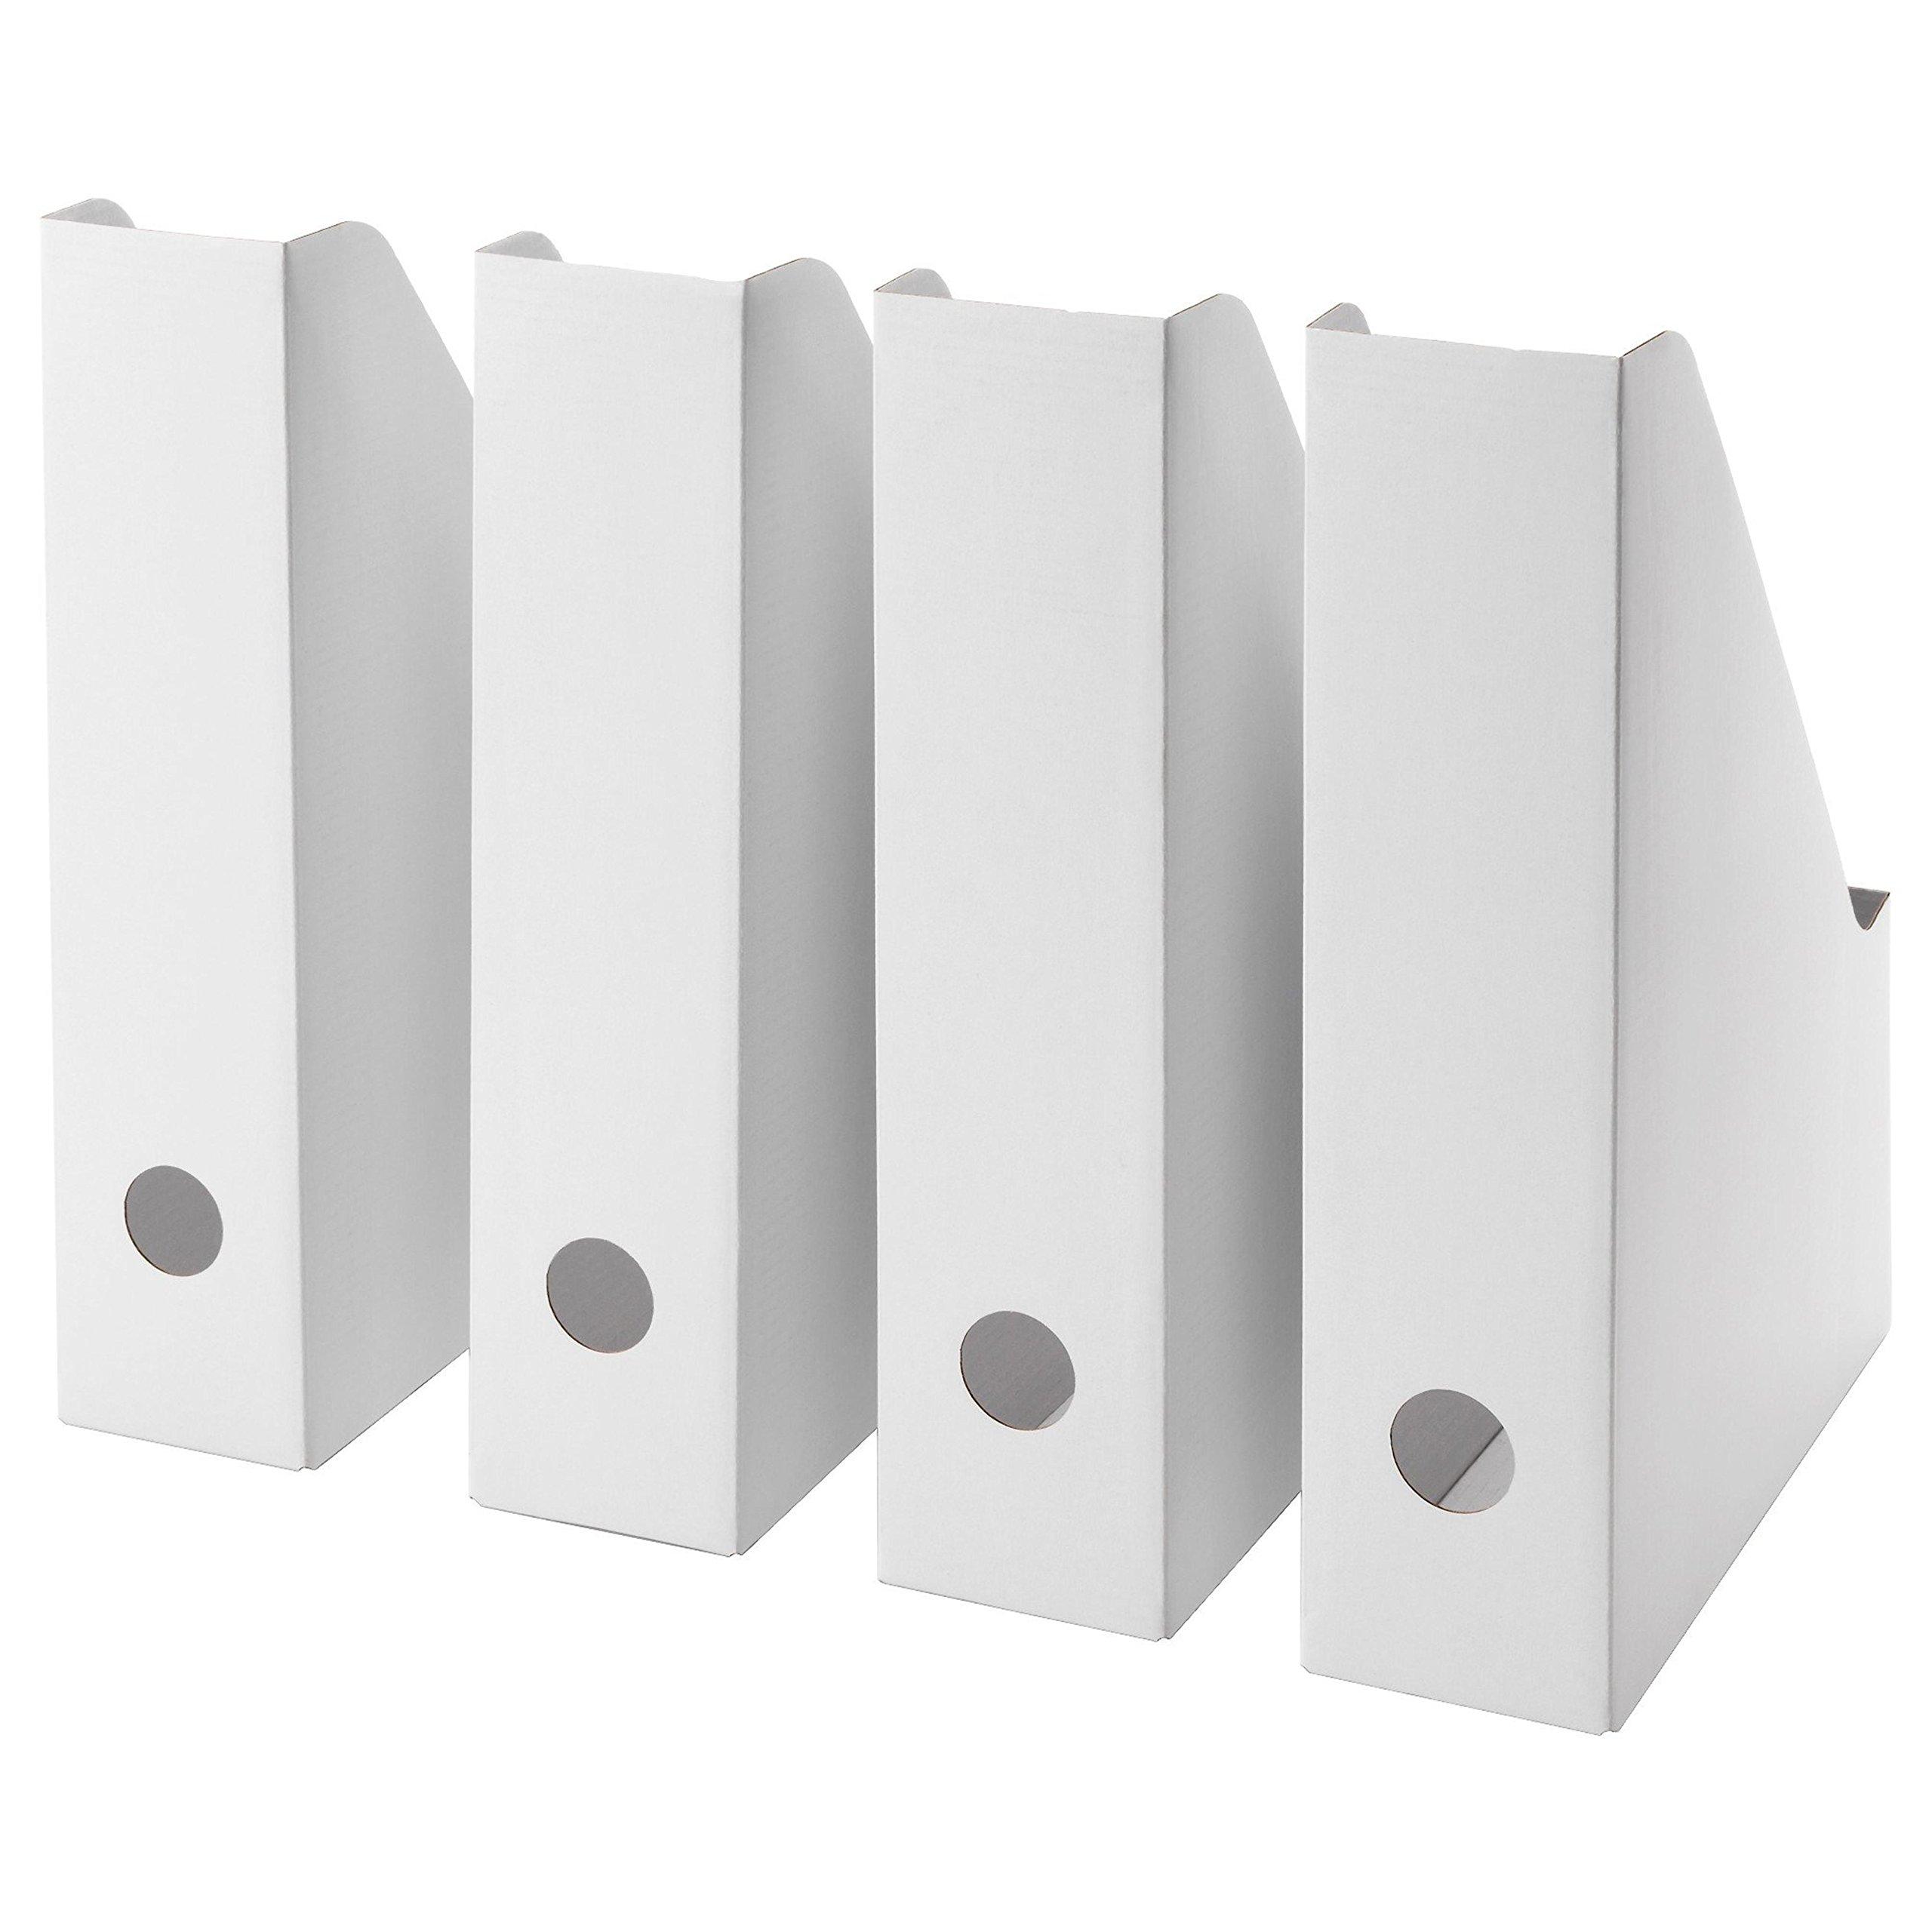 Ikea Archivador con Pano, Cartón, Blanco, 36x31x3 cm, 4 Unidades ...